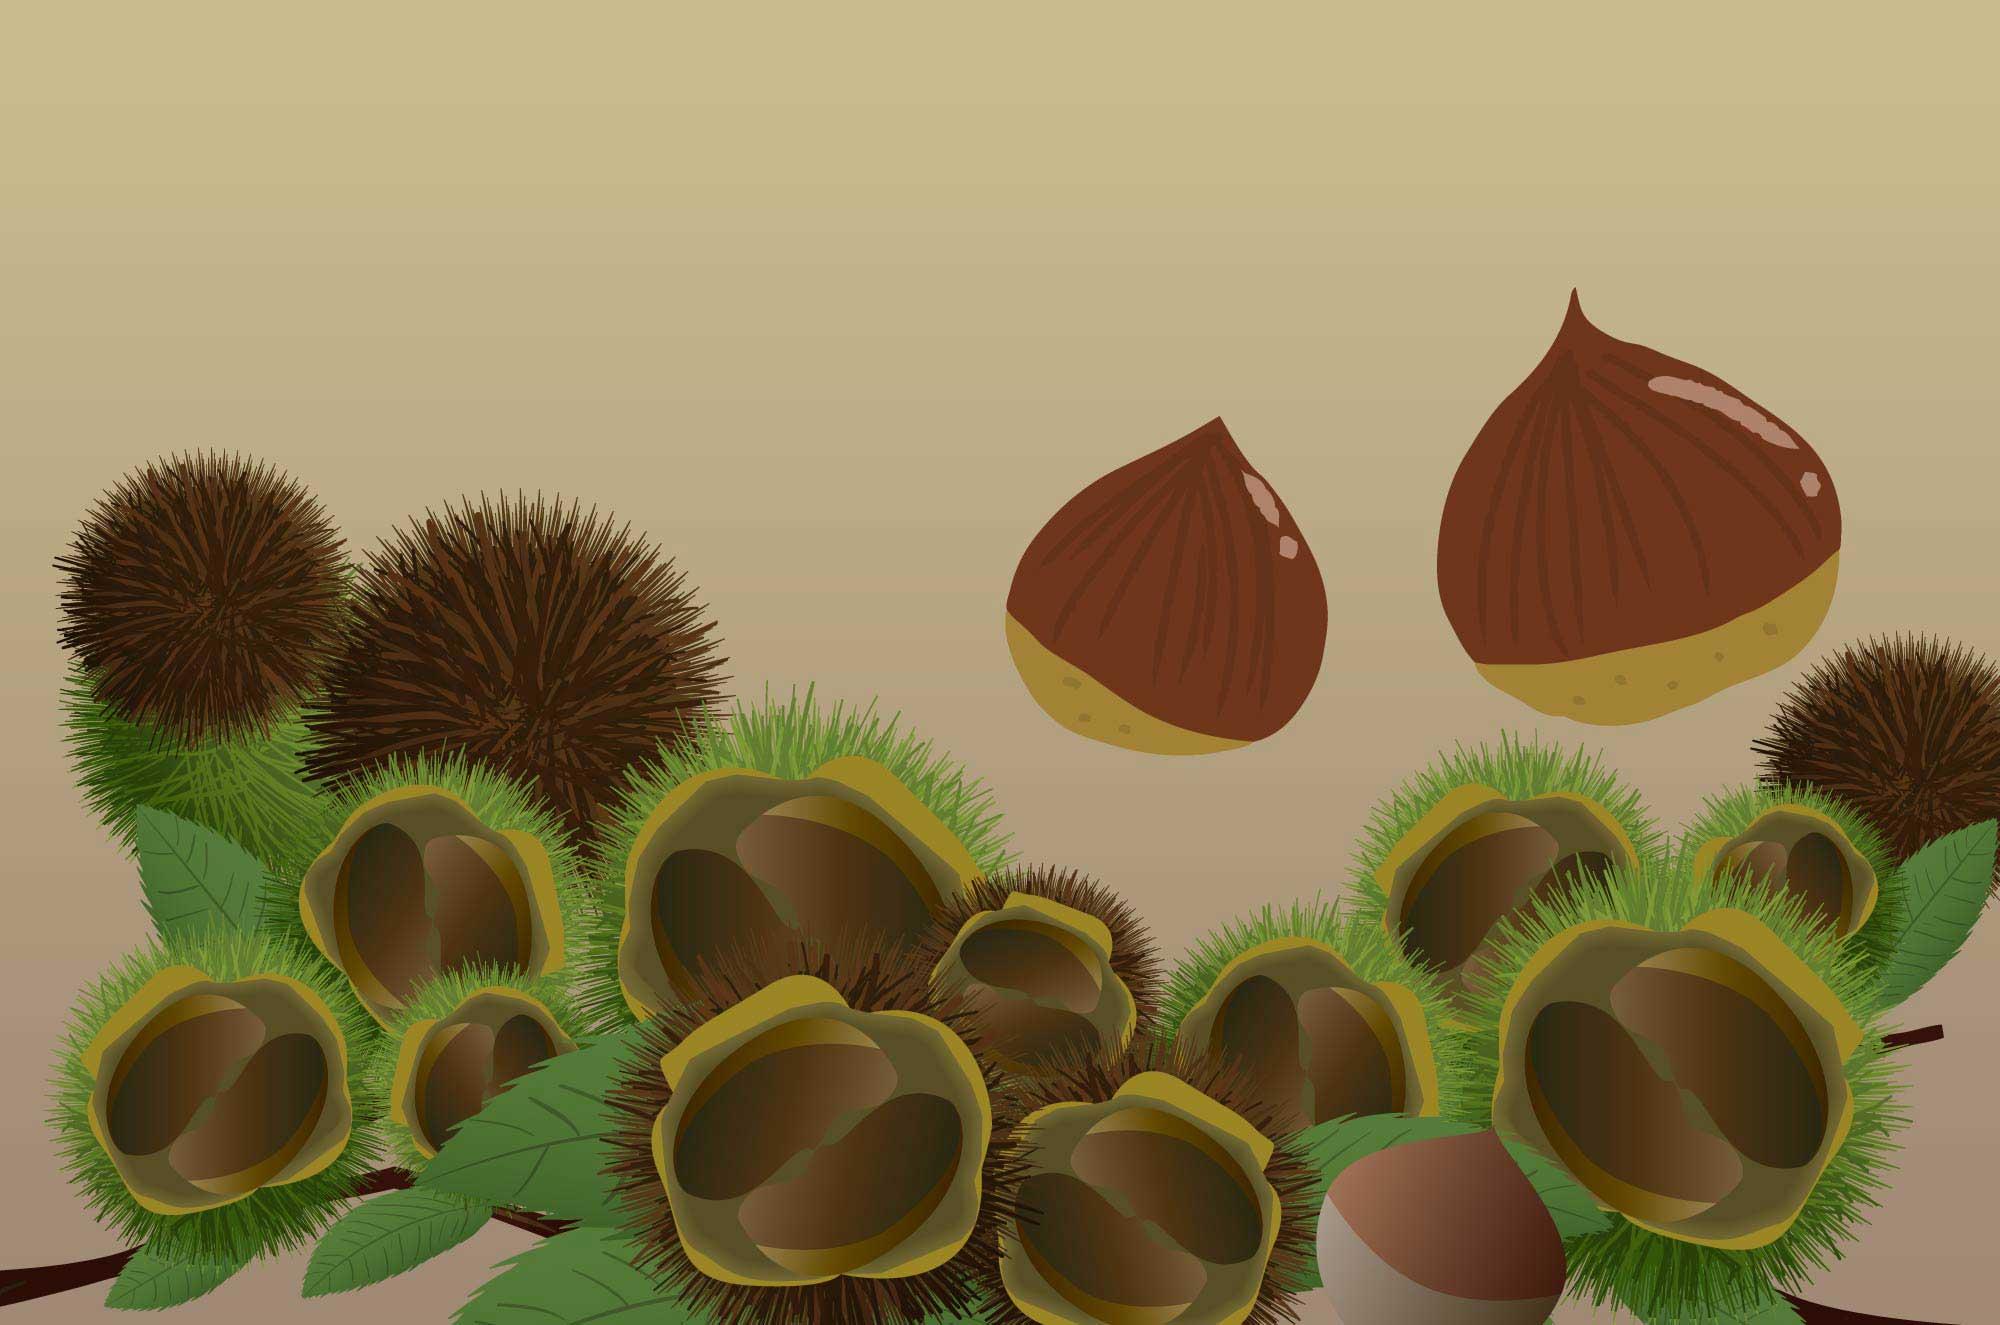 栗イラスト - テイストいっぱい可愛いフルーツ無料素材